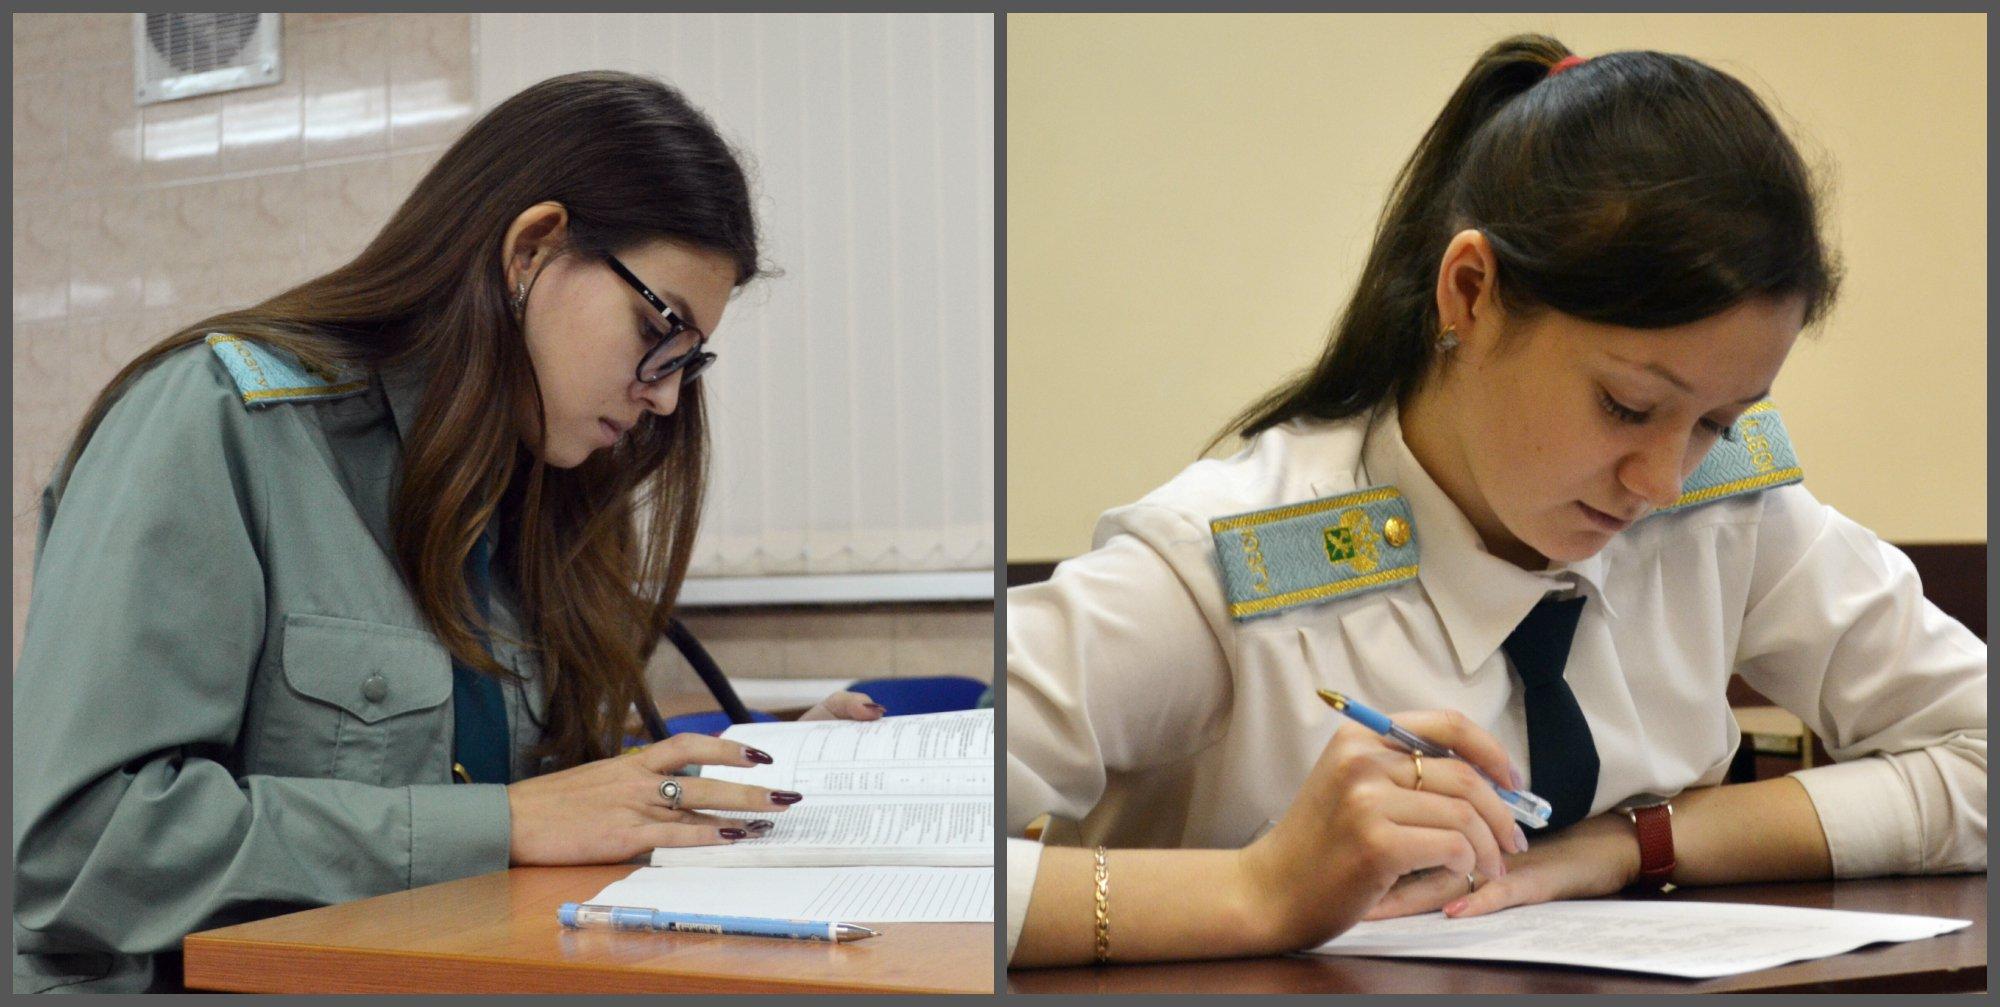 Кафедра таможенного дела и мировой экономики ТДиМЭ   практические задания содержание которых соответствует образовательному стандарту специальности Таможенное дело по дисциплинам Таможенные процедуры